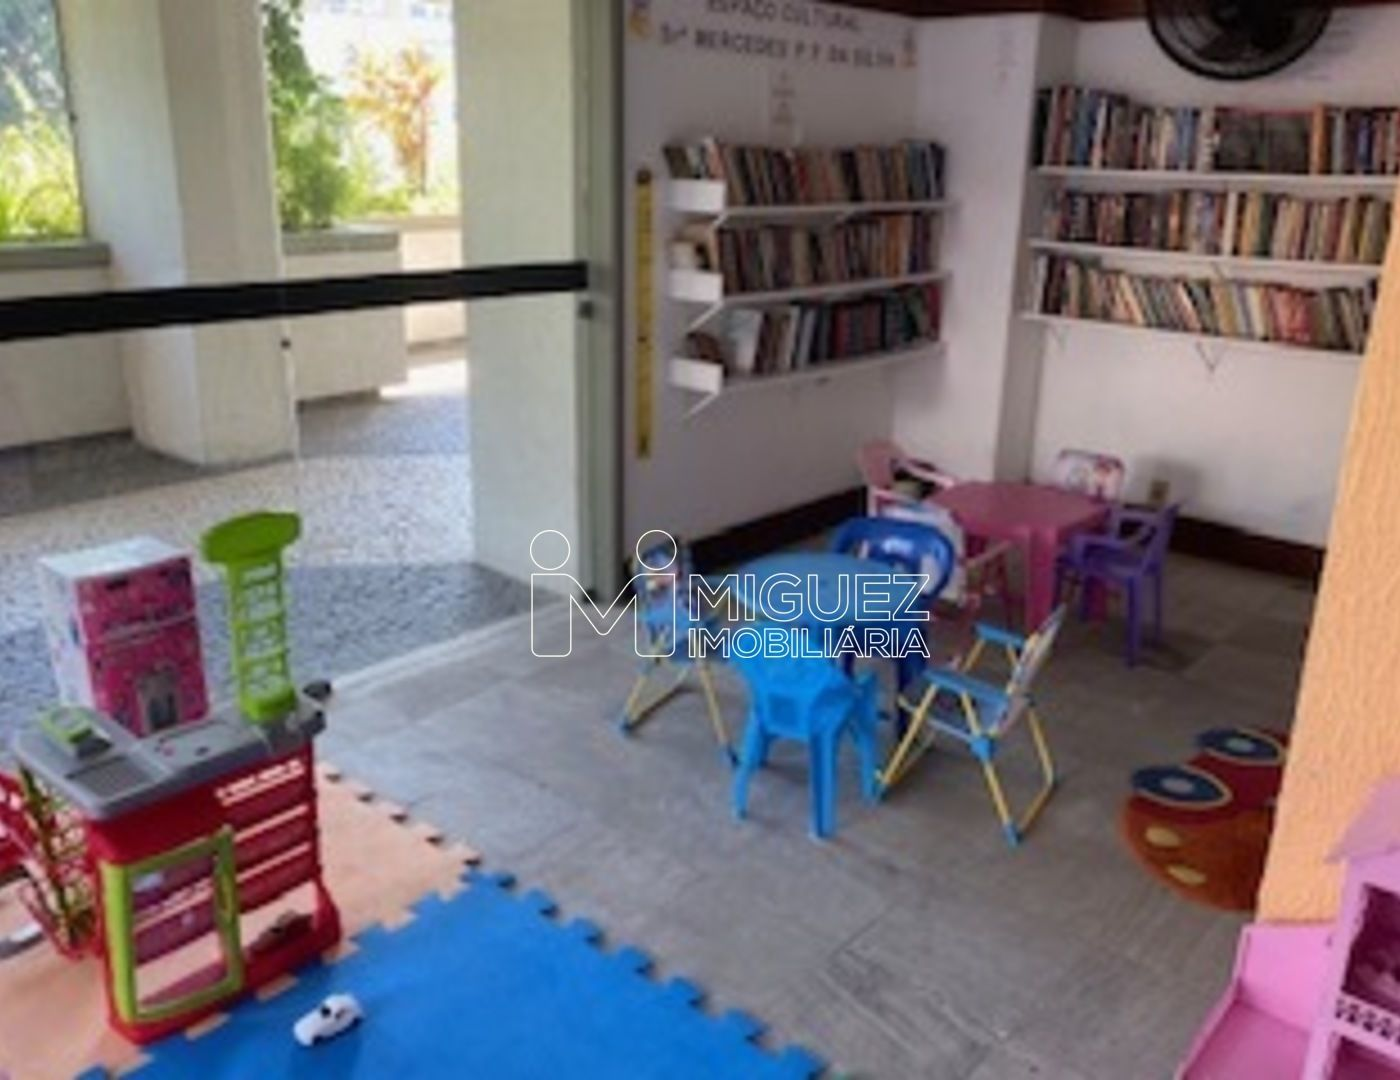 Apartamento, venda, Rua Conde de Bonfim - Tijuca , Rio de janeiro